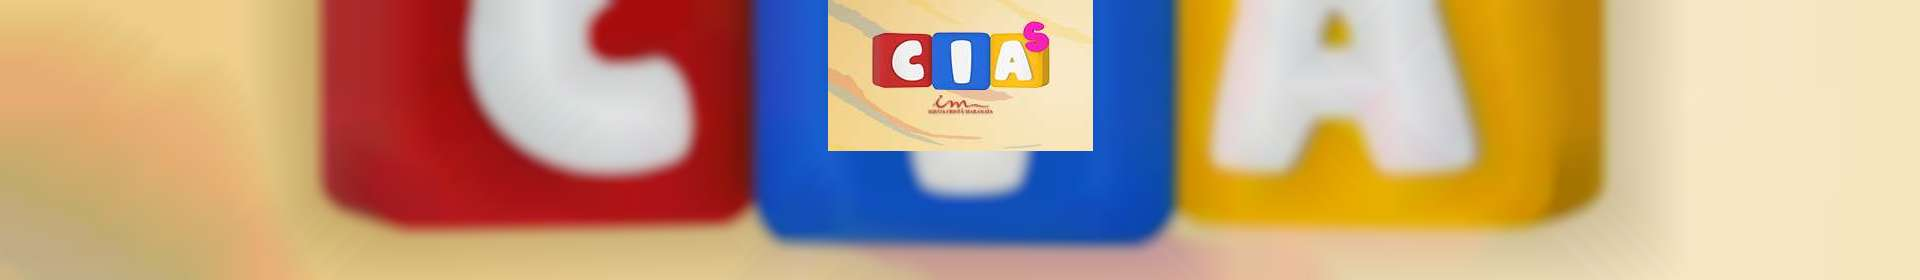 Aula de CIAS: classe de 3 a 7 anos - 25 de junho de 2020